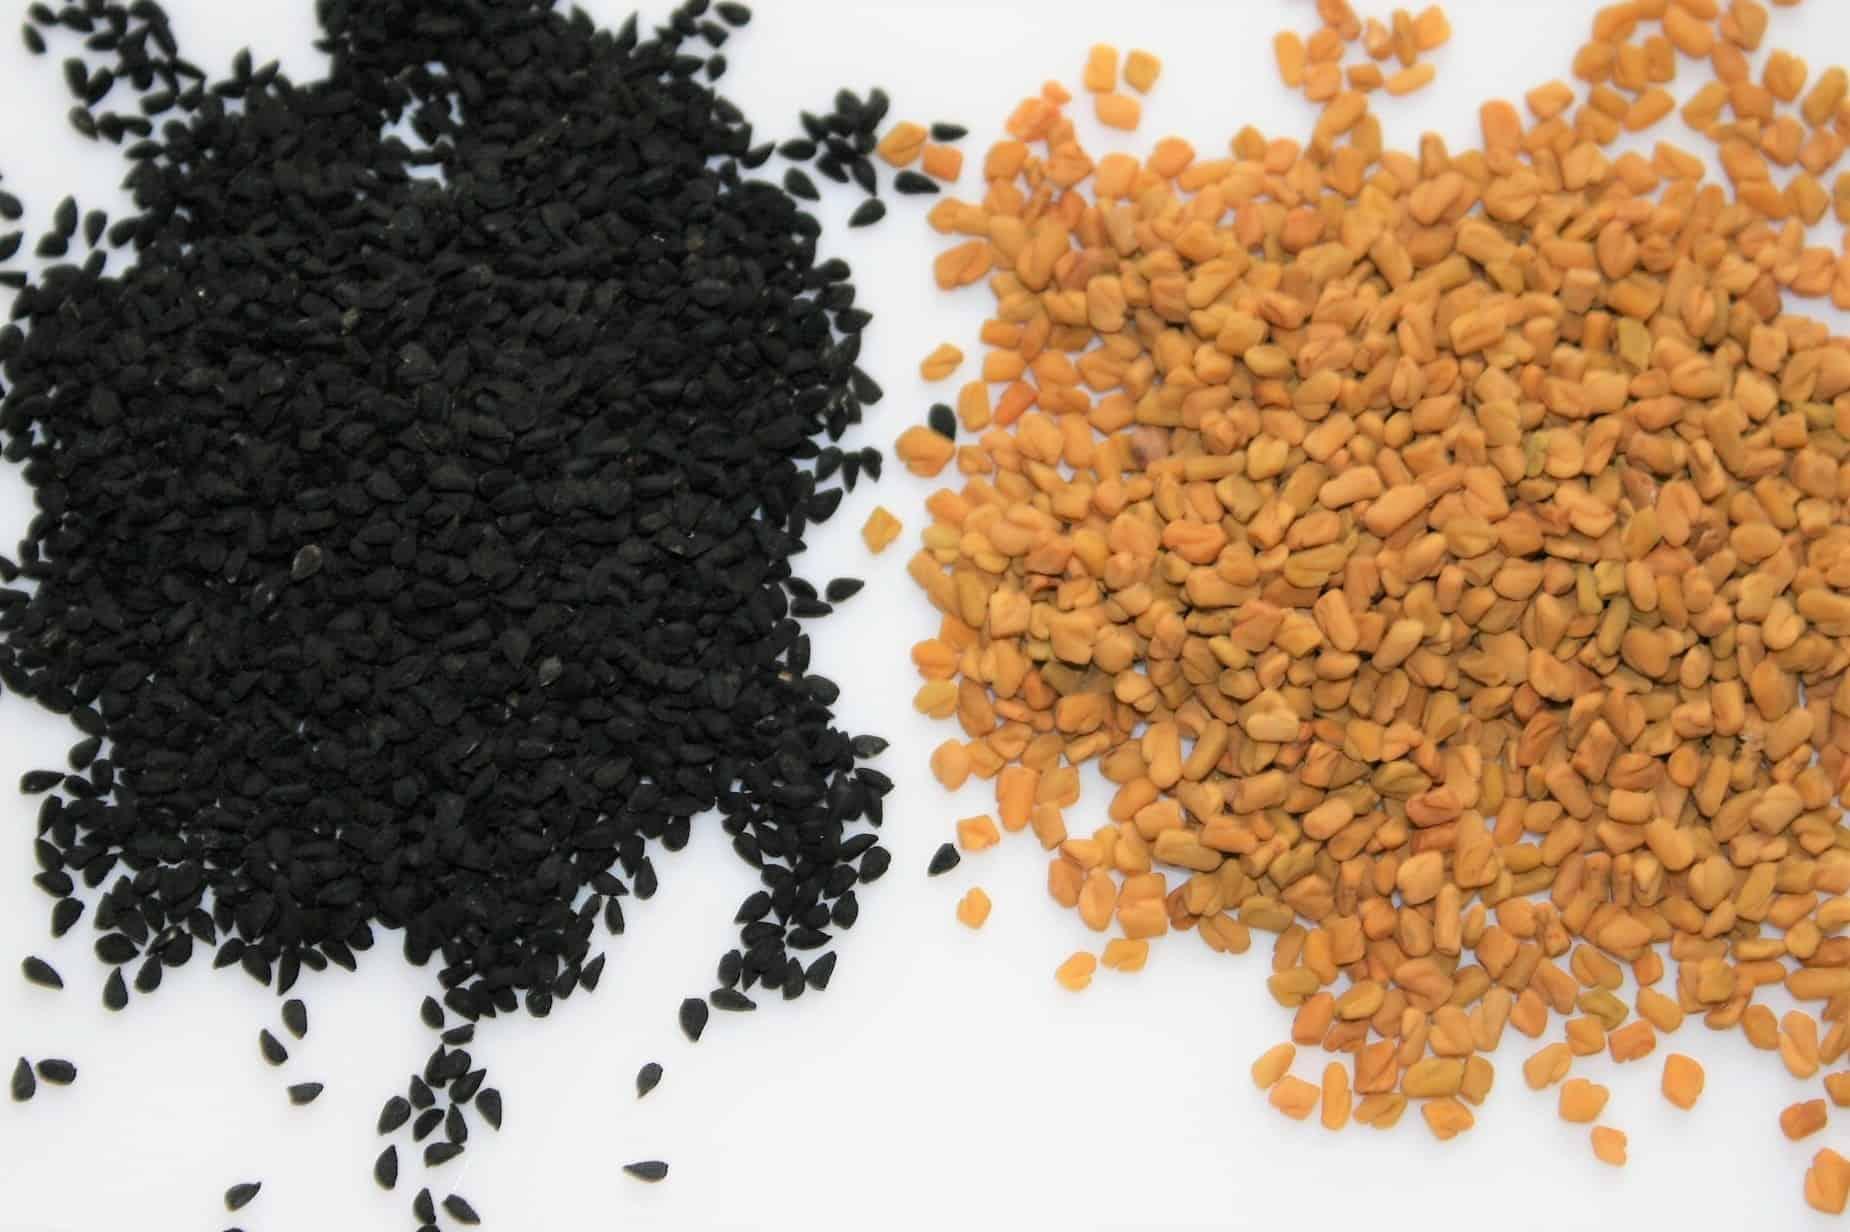 Black seeds and fenugreek seeds